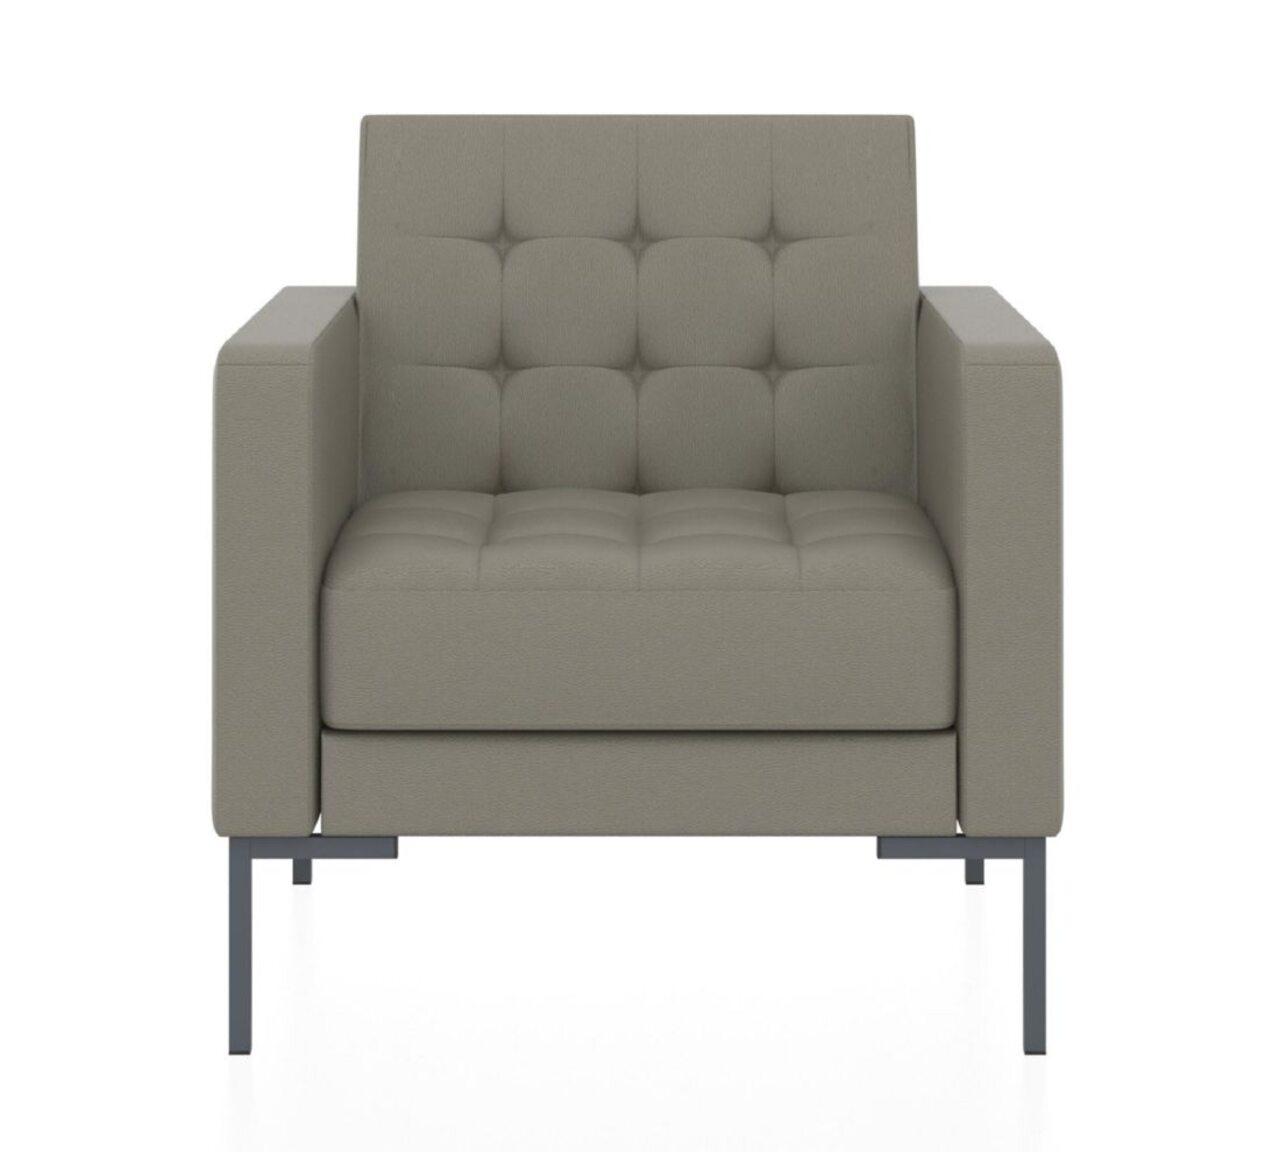 Кресло  НЭКСТ 78x80x84 - фото 2